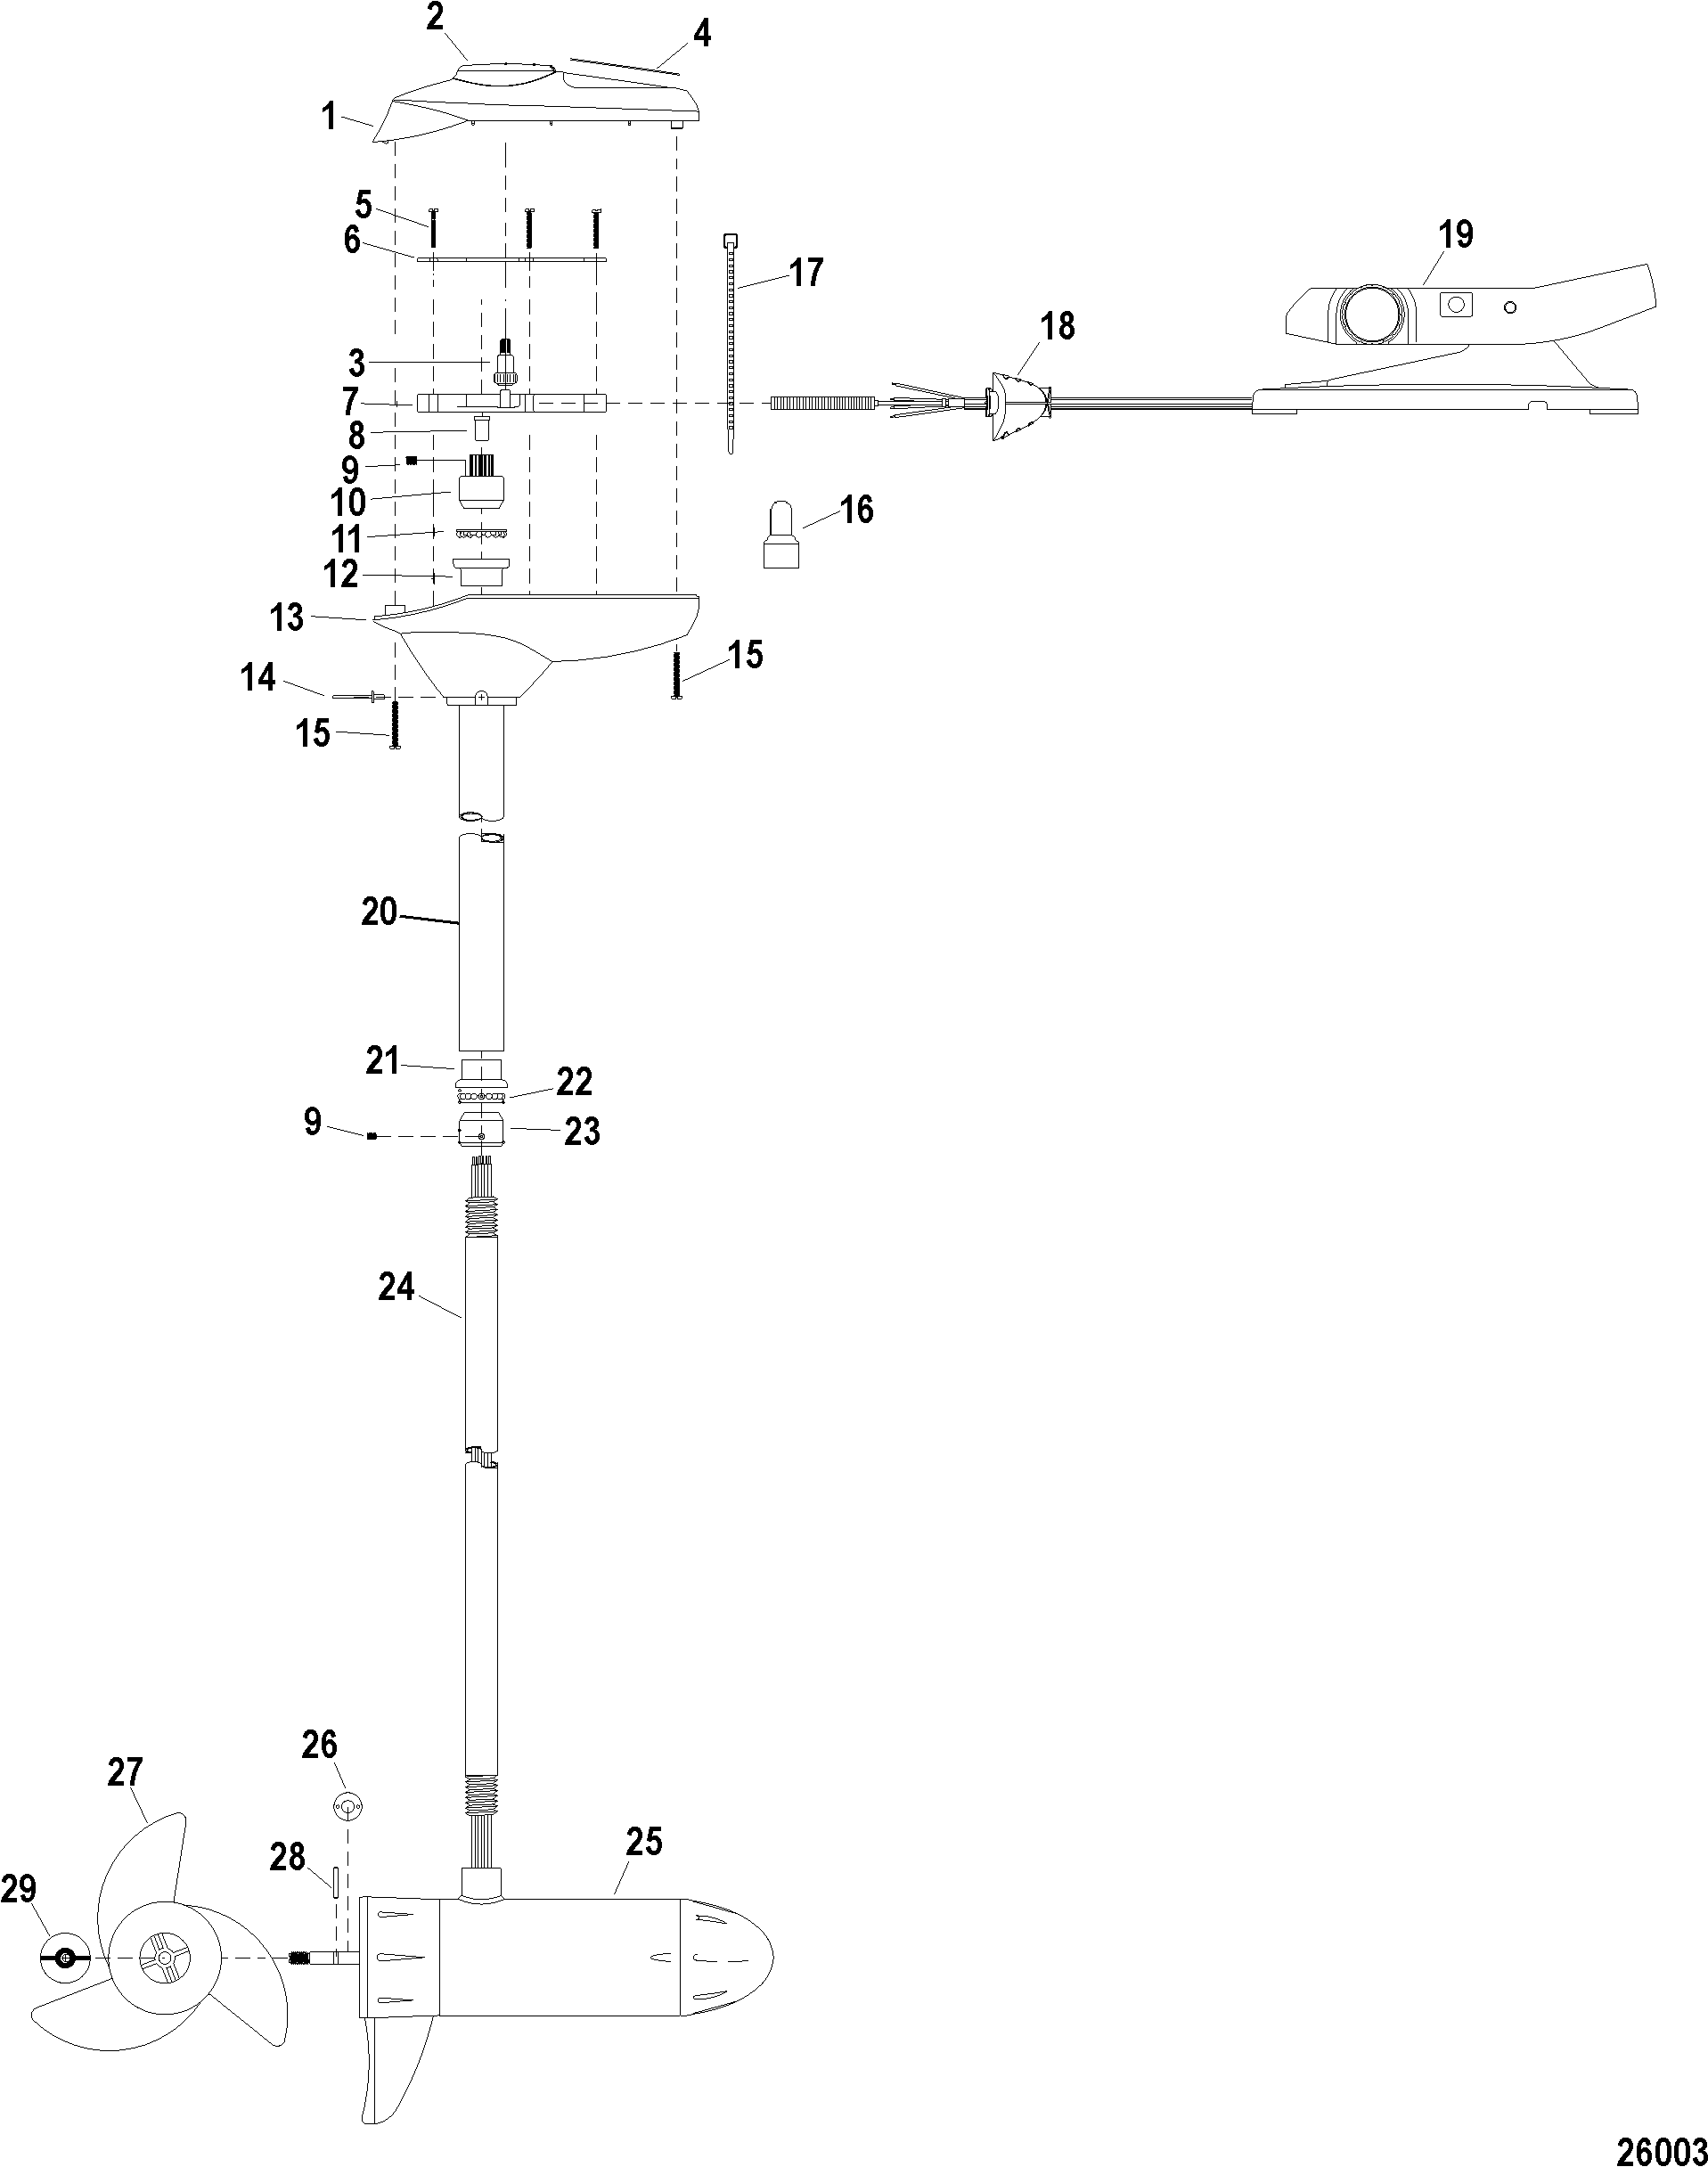 Brute Trolling Motor Wiring Diagram | Wiring Diagram on